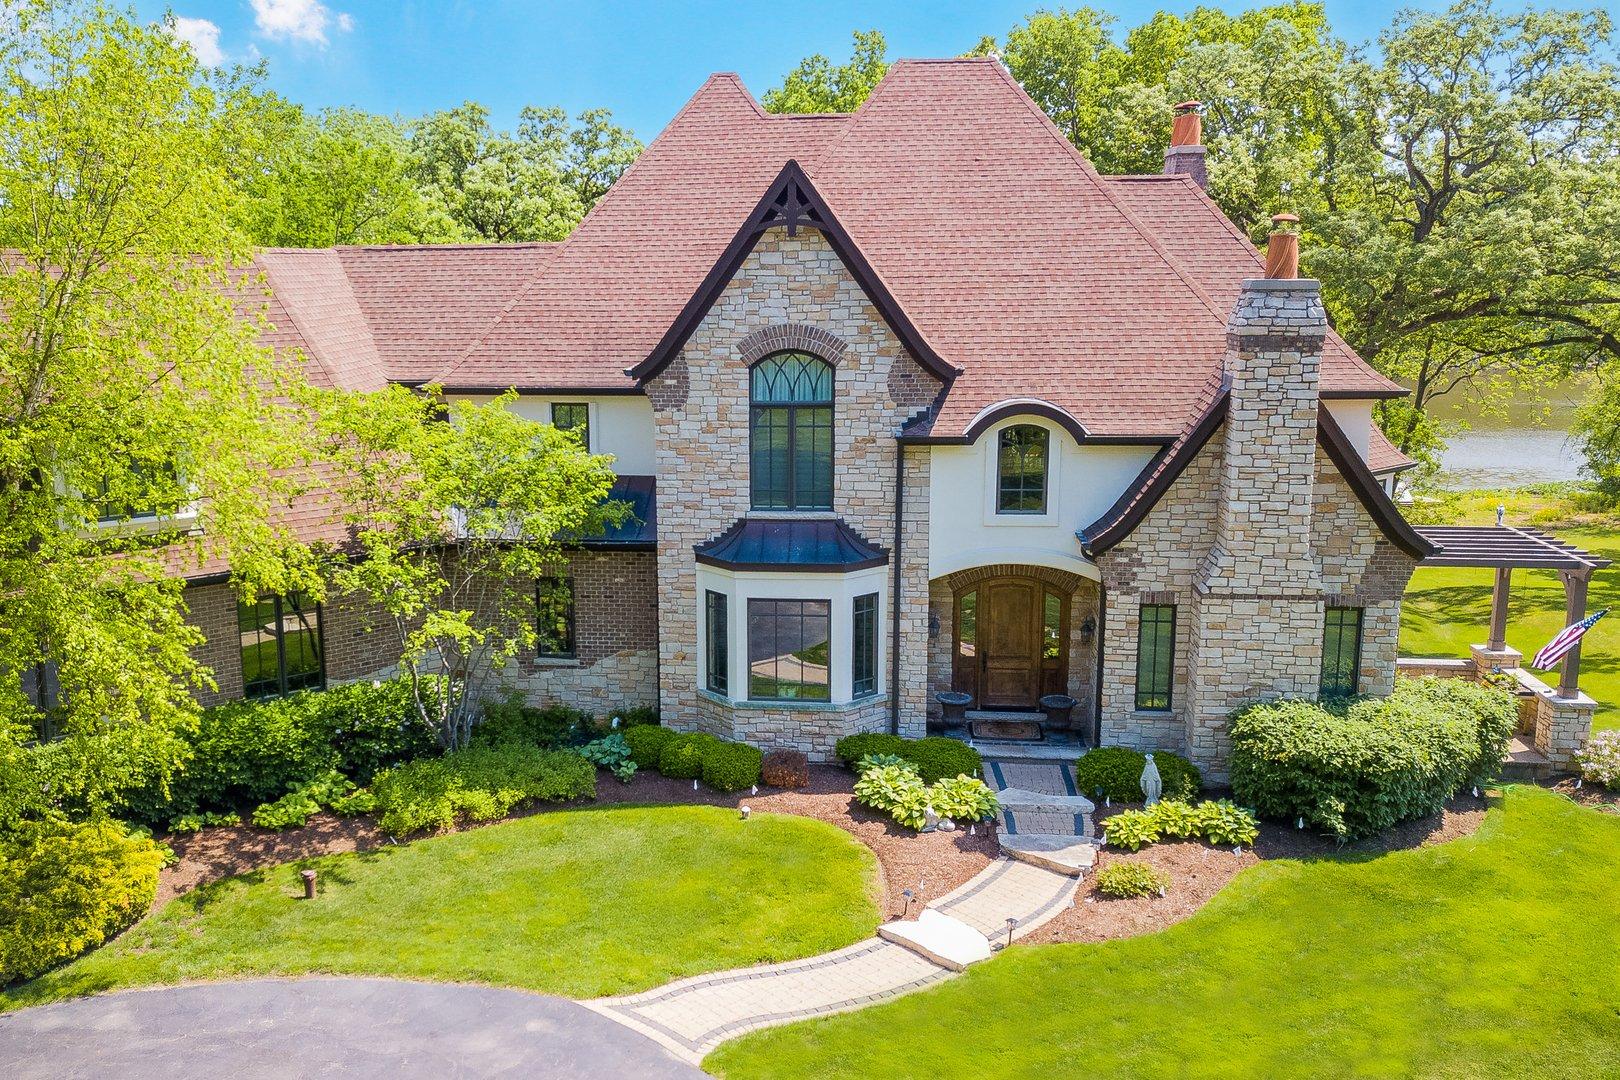 Maison à Campton Hills, Illinois, États-Unis 1 - 11456719